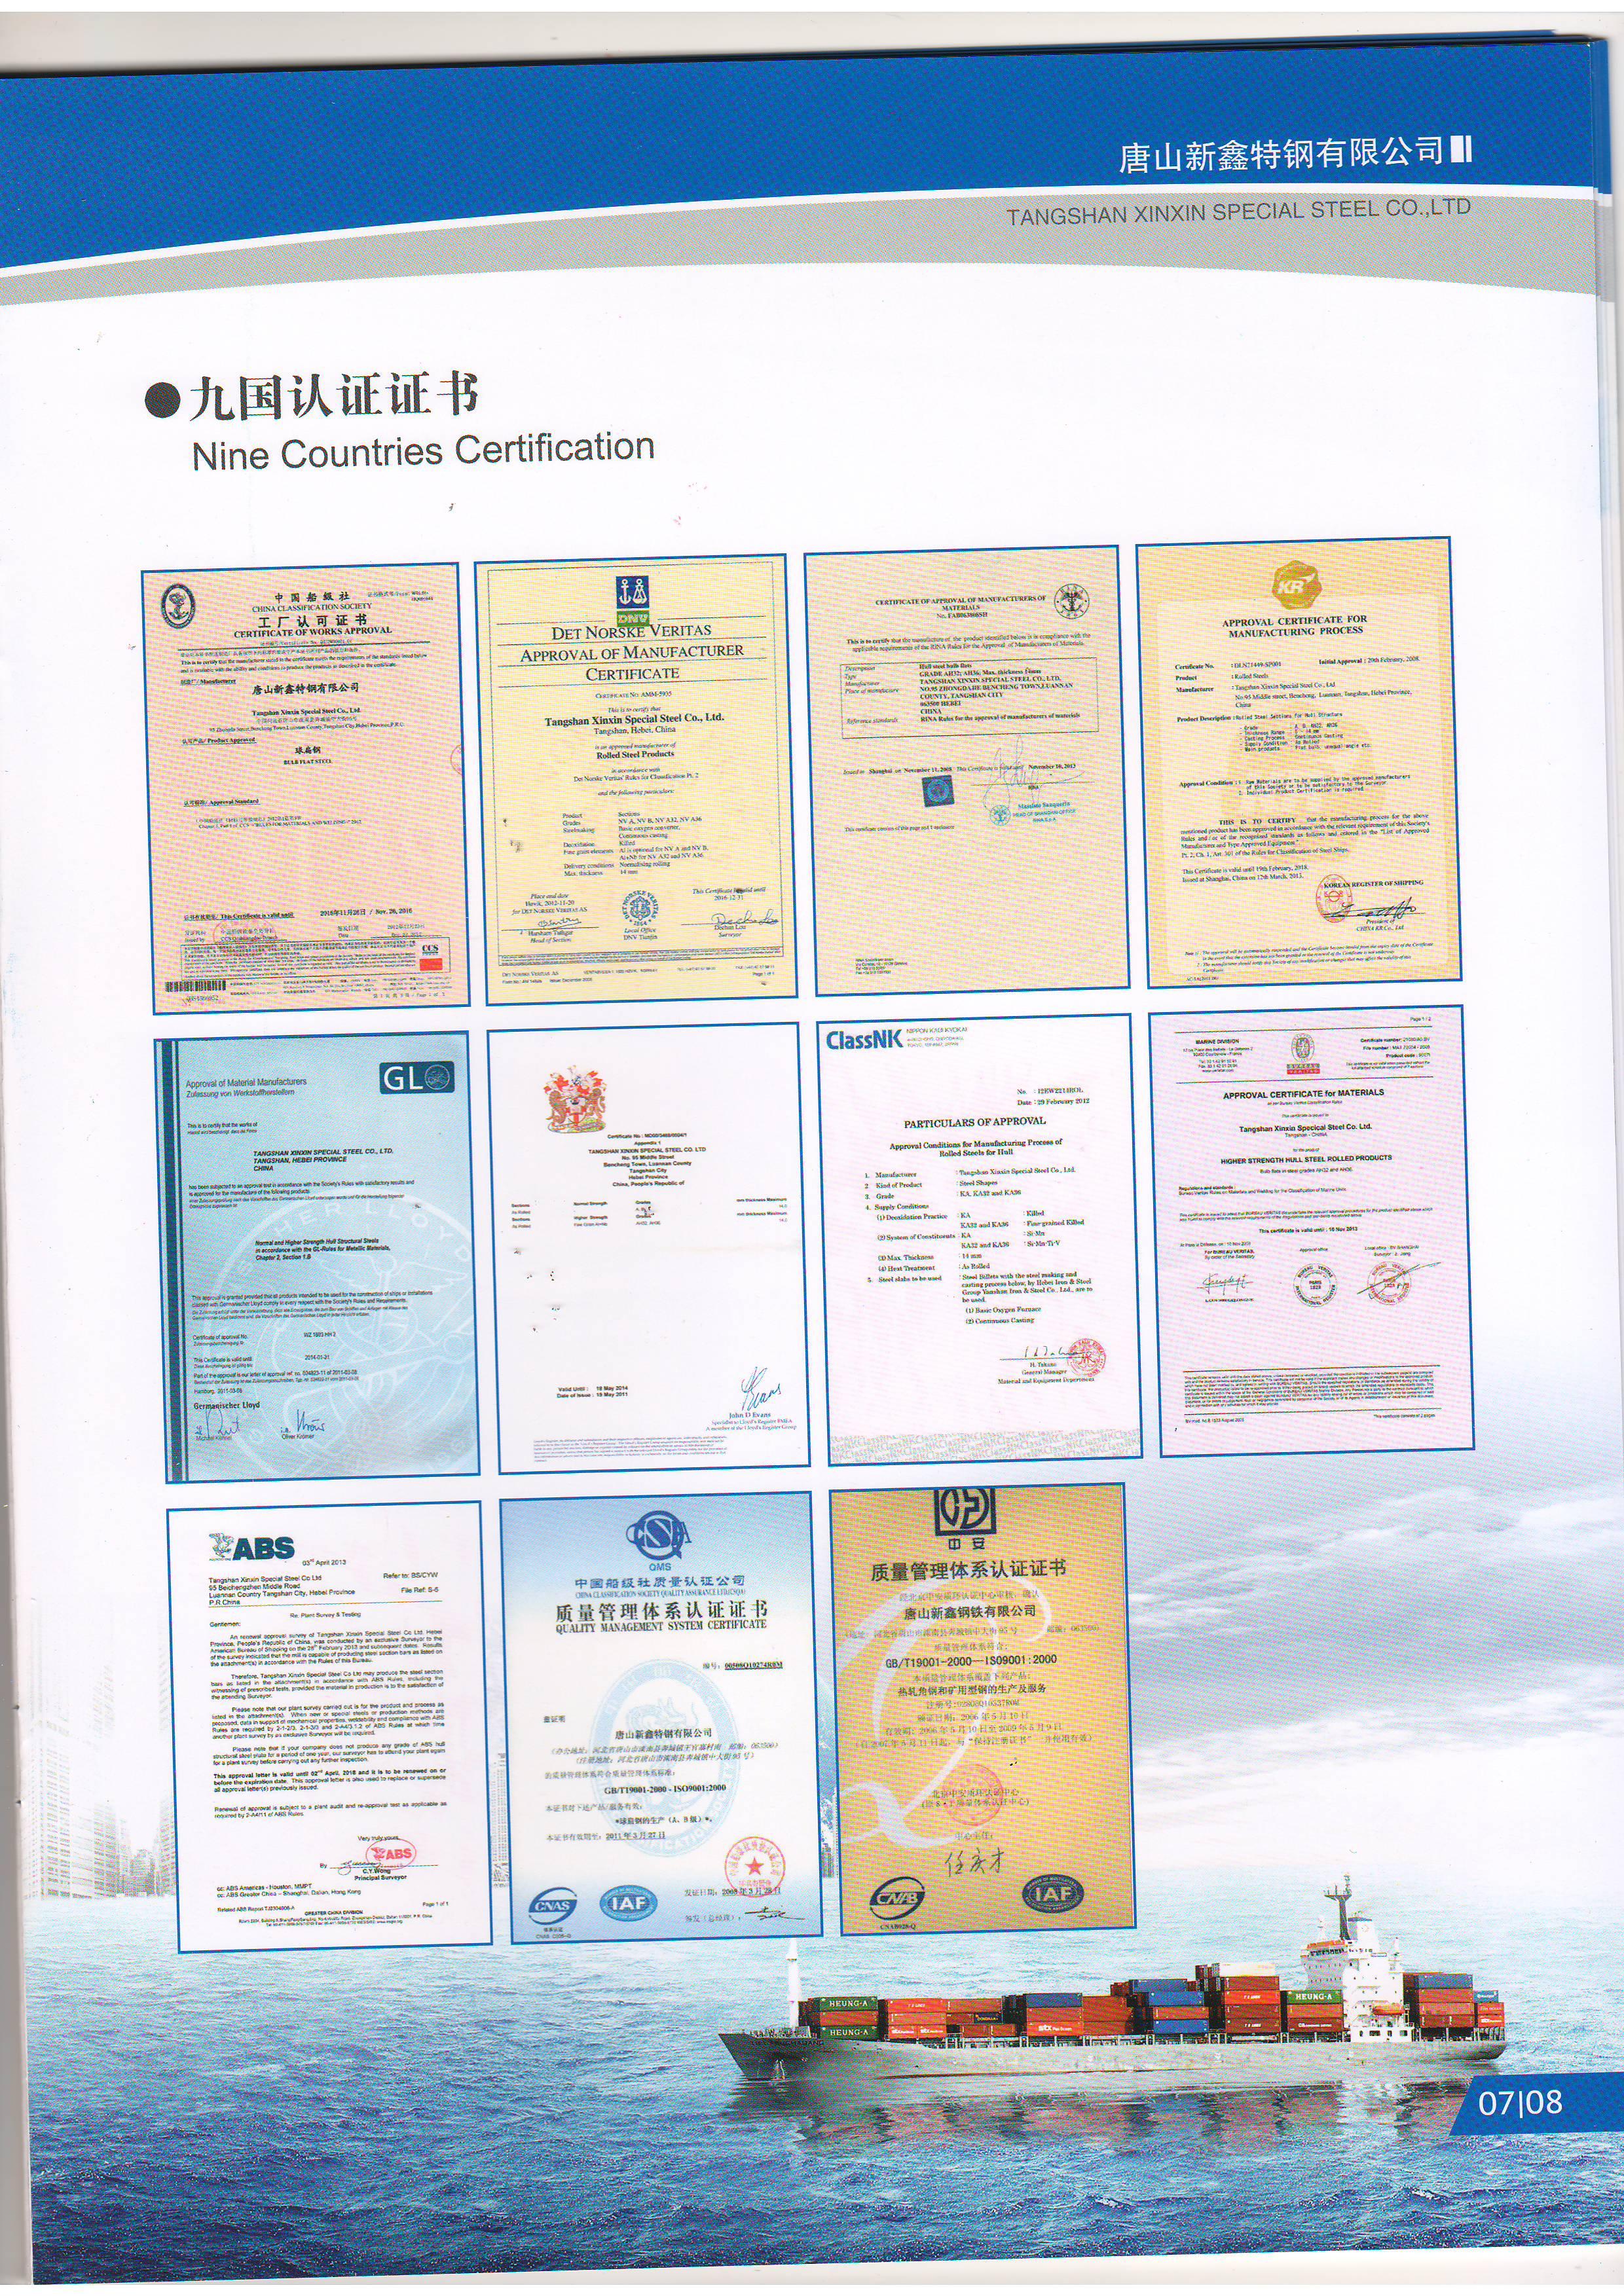 河北唐山新鑫特鋼有限公司